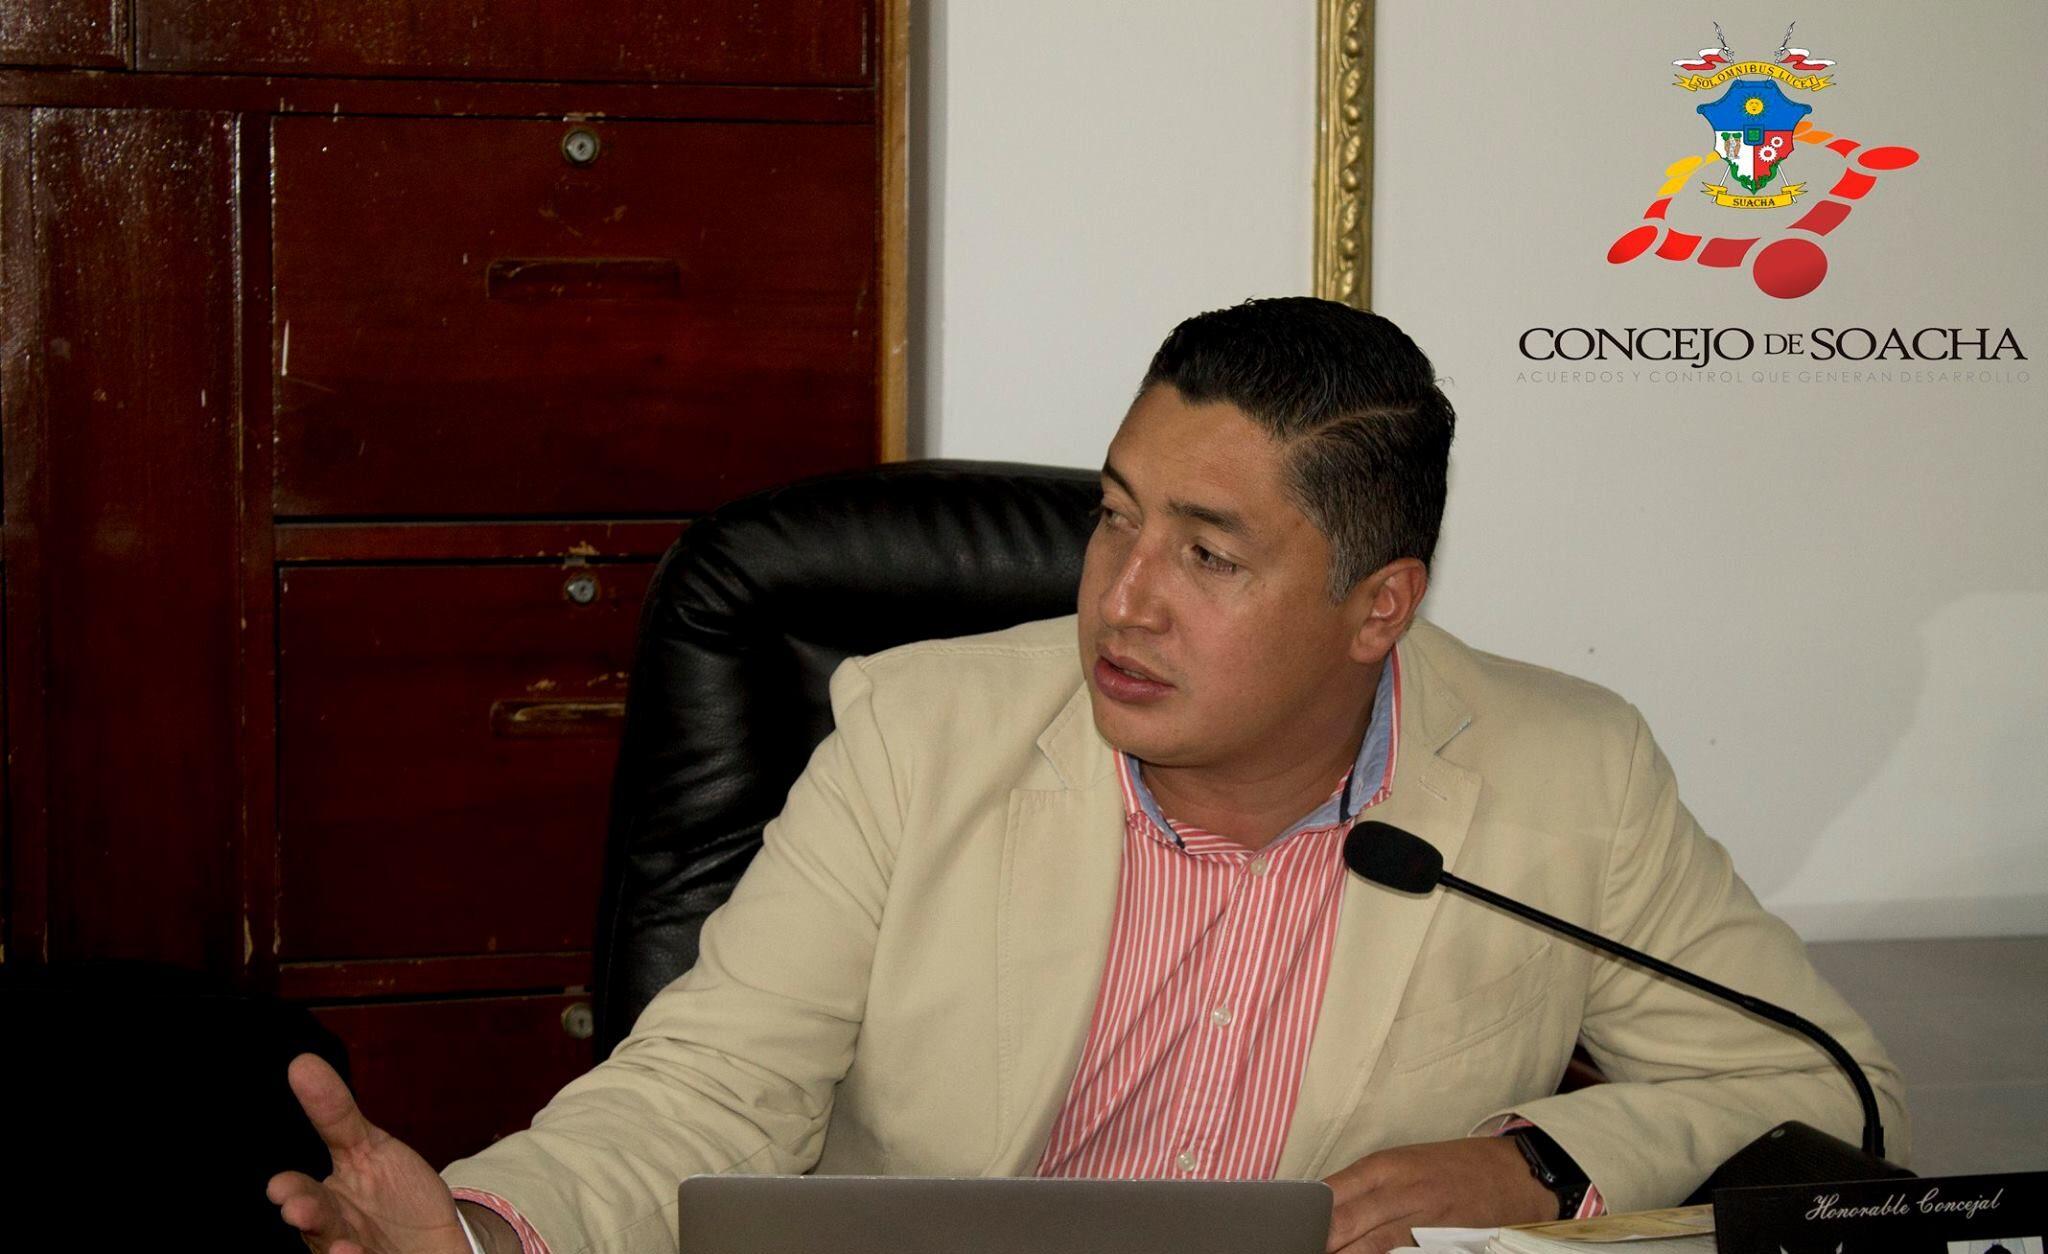 Presuntos sobrecostos por más de 913 millones de pesos en contratos de alimentación escolar en Soacha